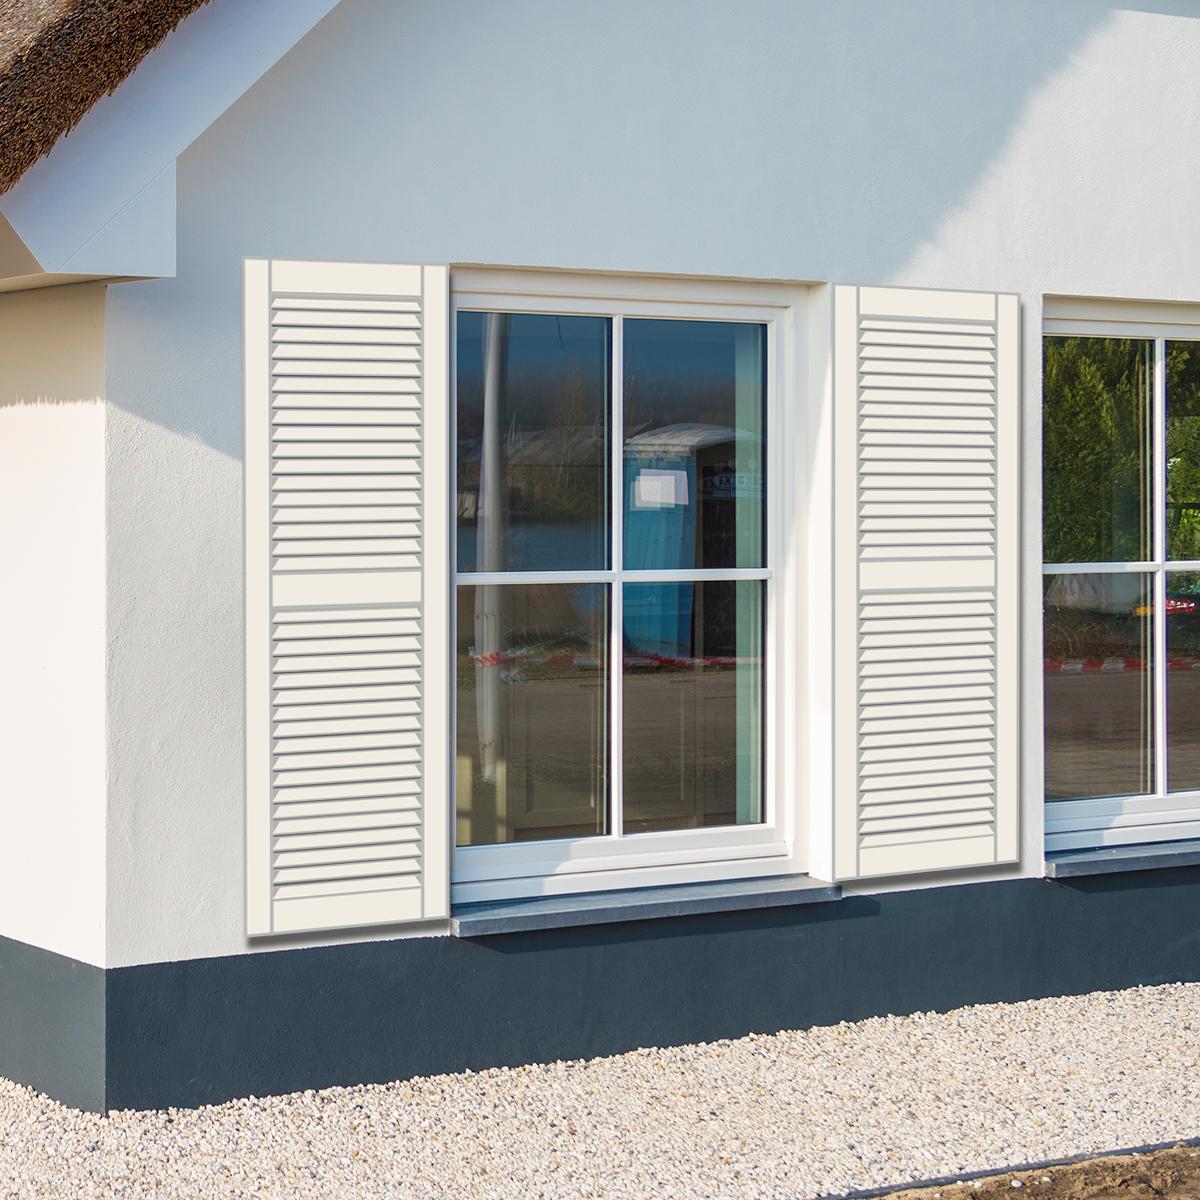 huis met witte louvre raamluiken